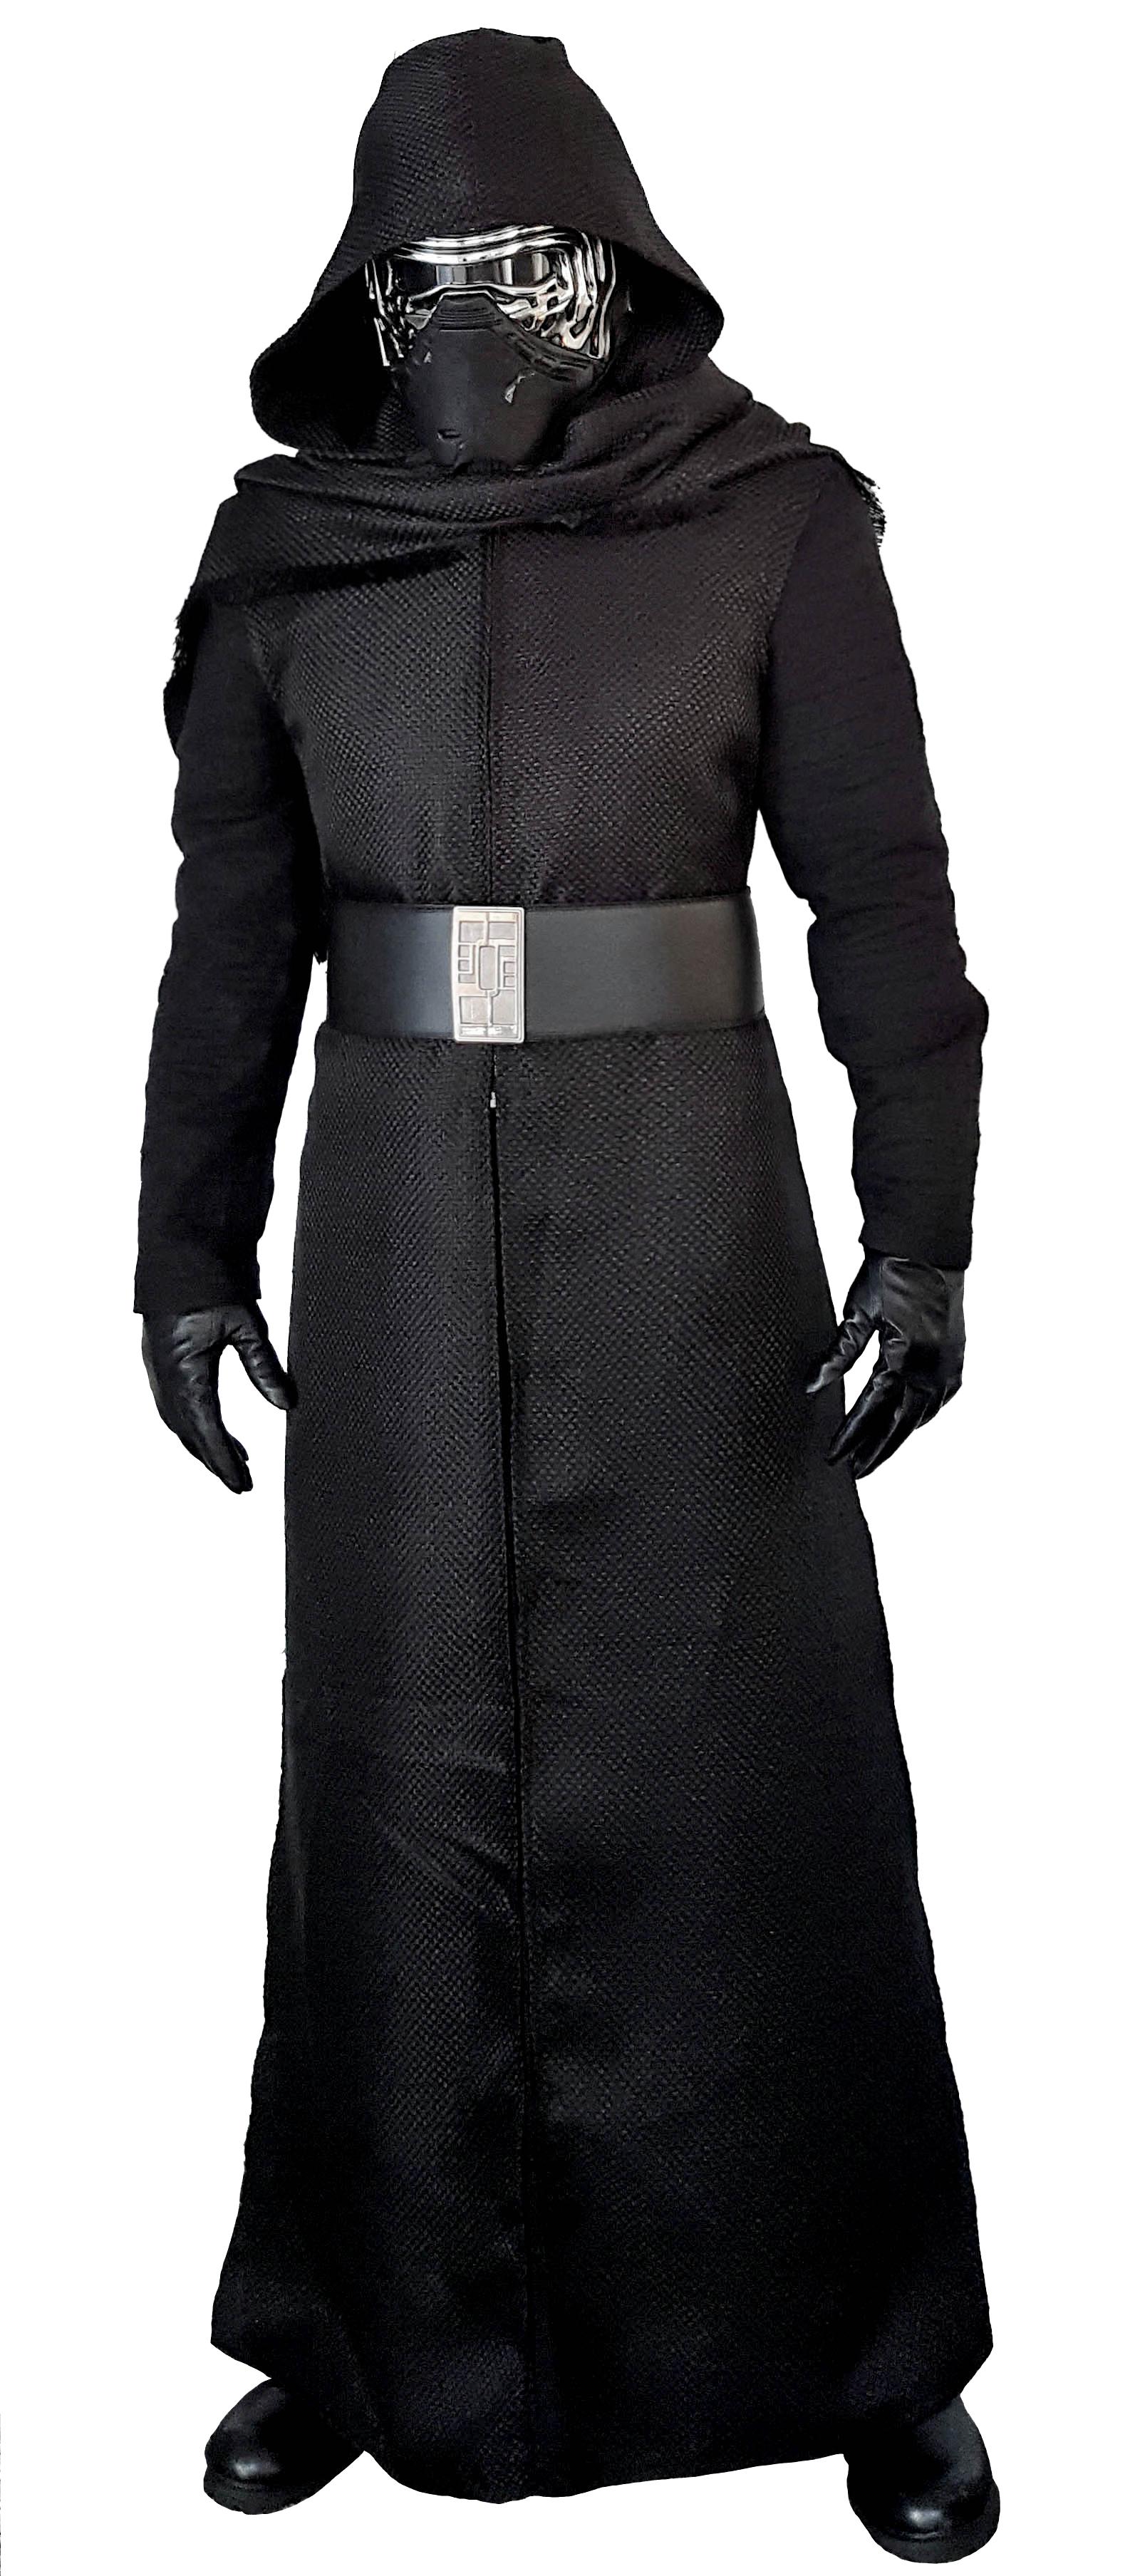 Kylo Ren costume 1